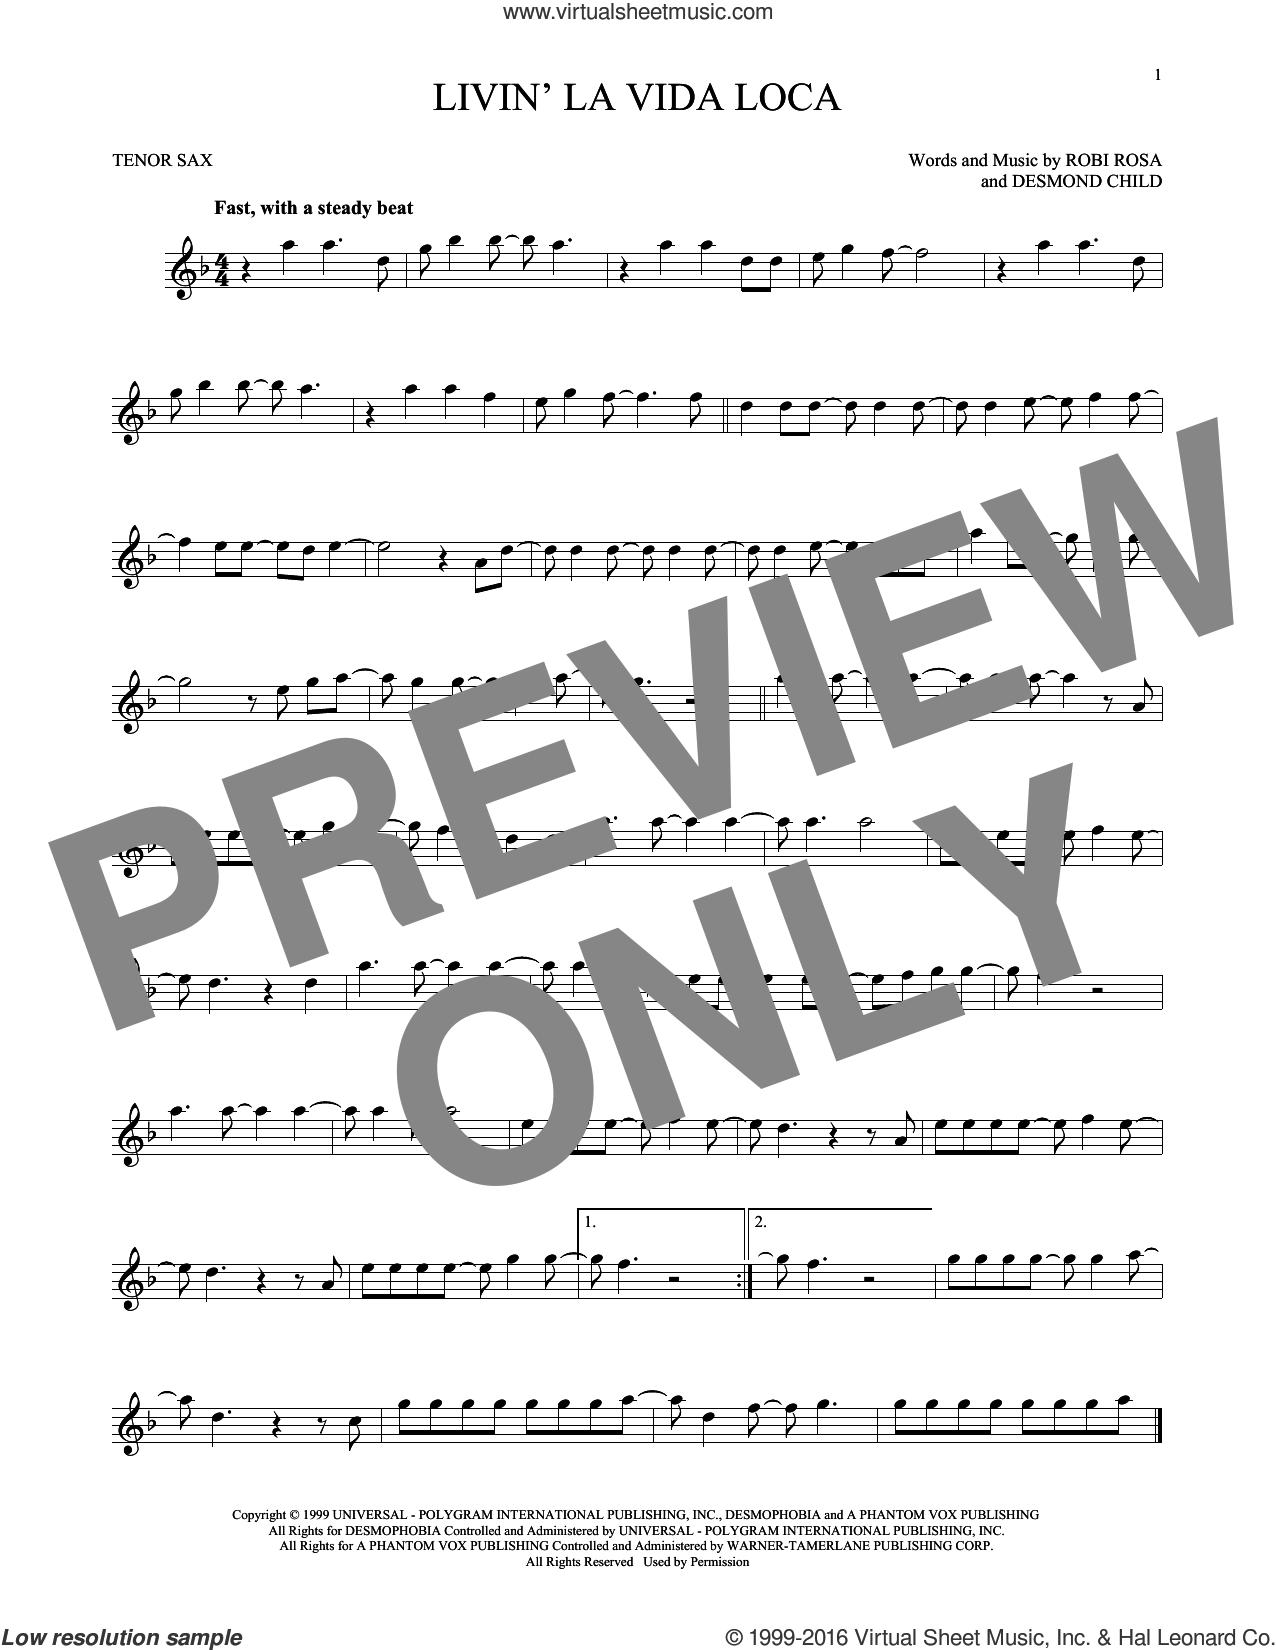 Livin' La Vida Loca sheet music for tenor saxophone solo by Ricky Martin, Desmond Child and Robi Rosa, intermediate skill level